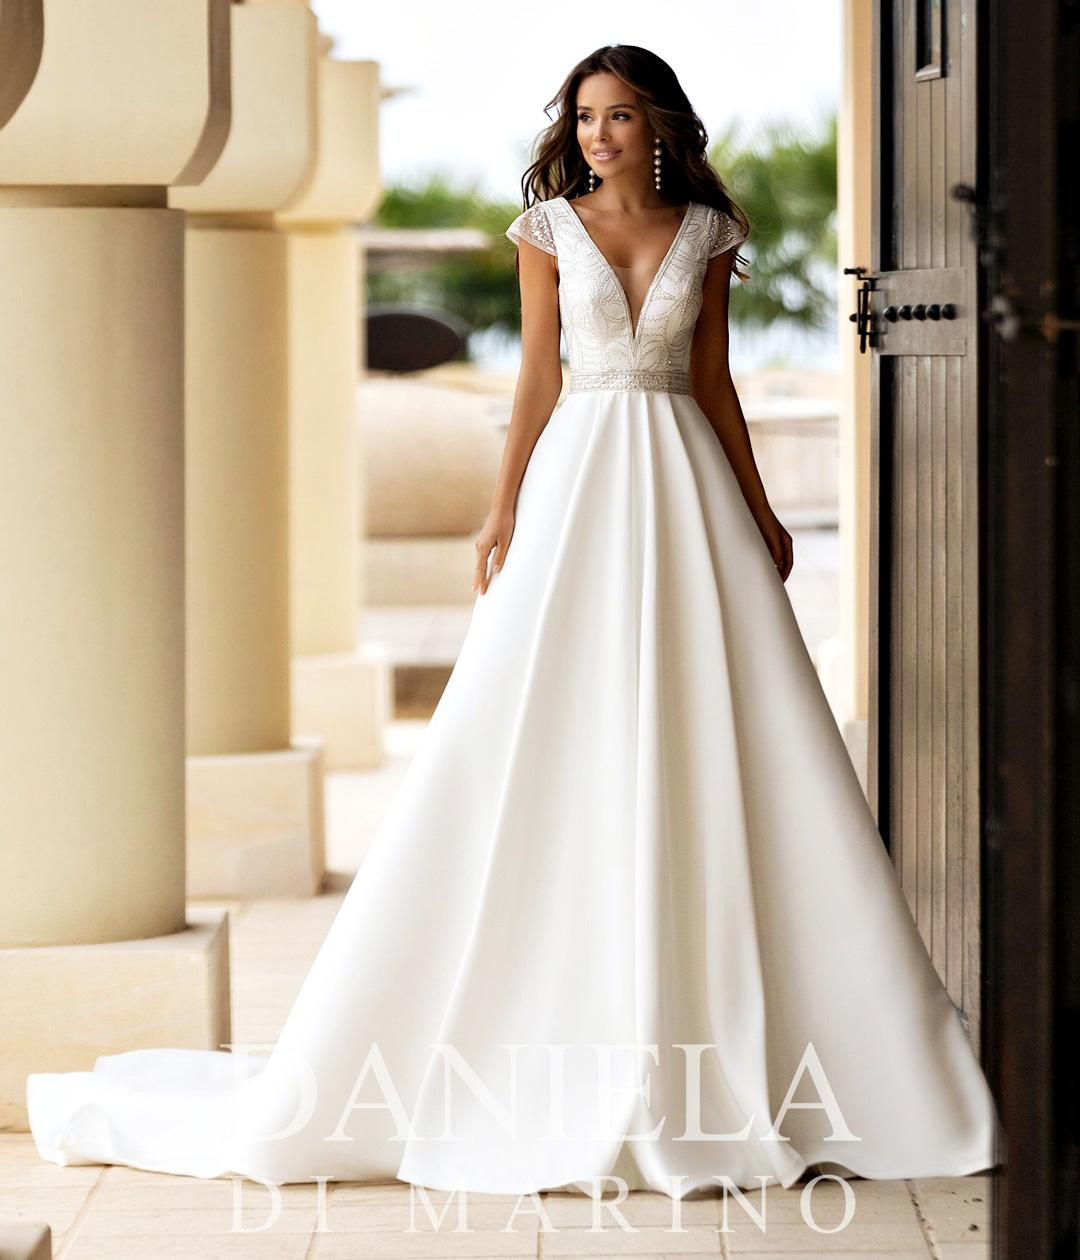 Robe de mariée 6313 - Sybelle en blanc Reims